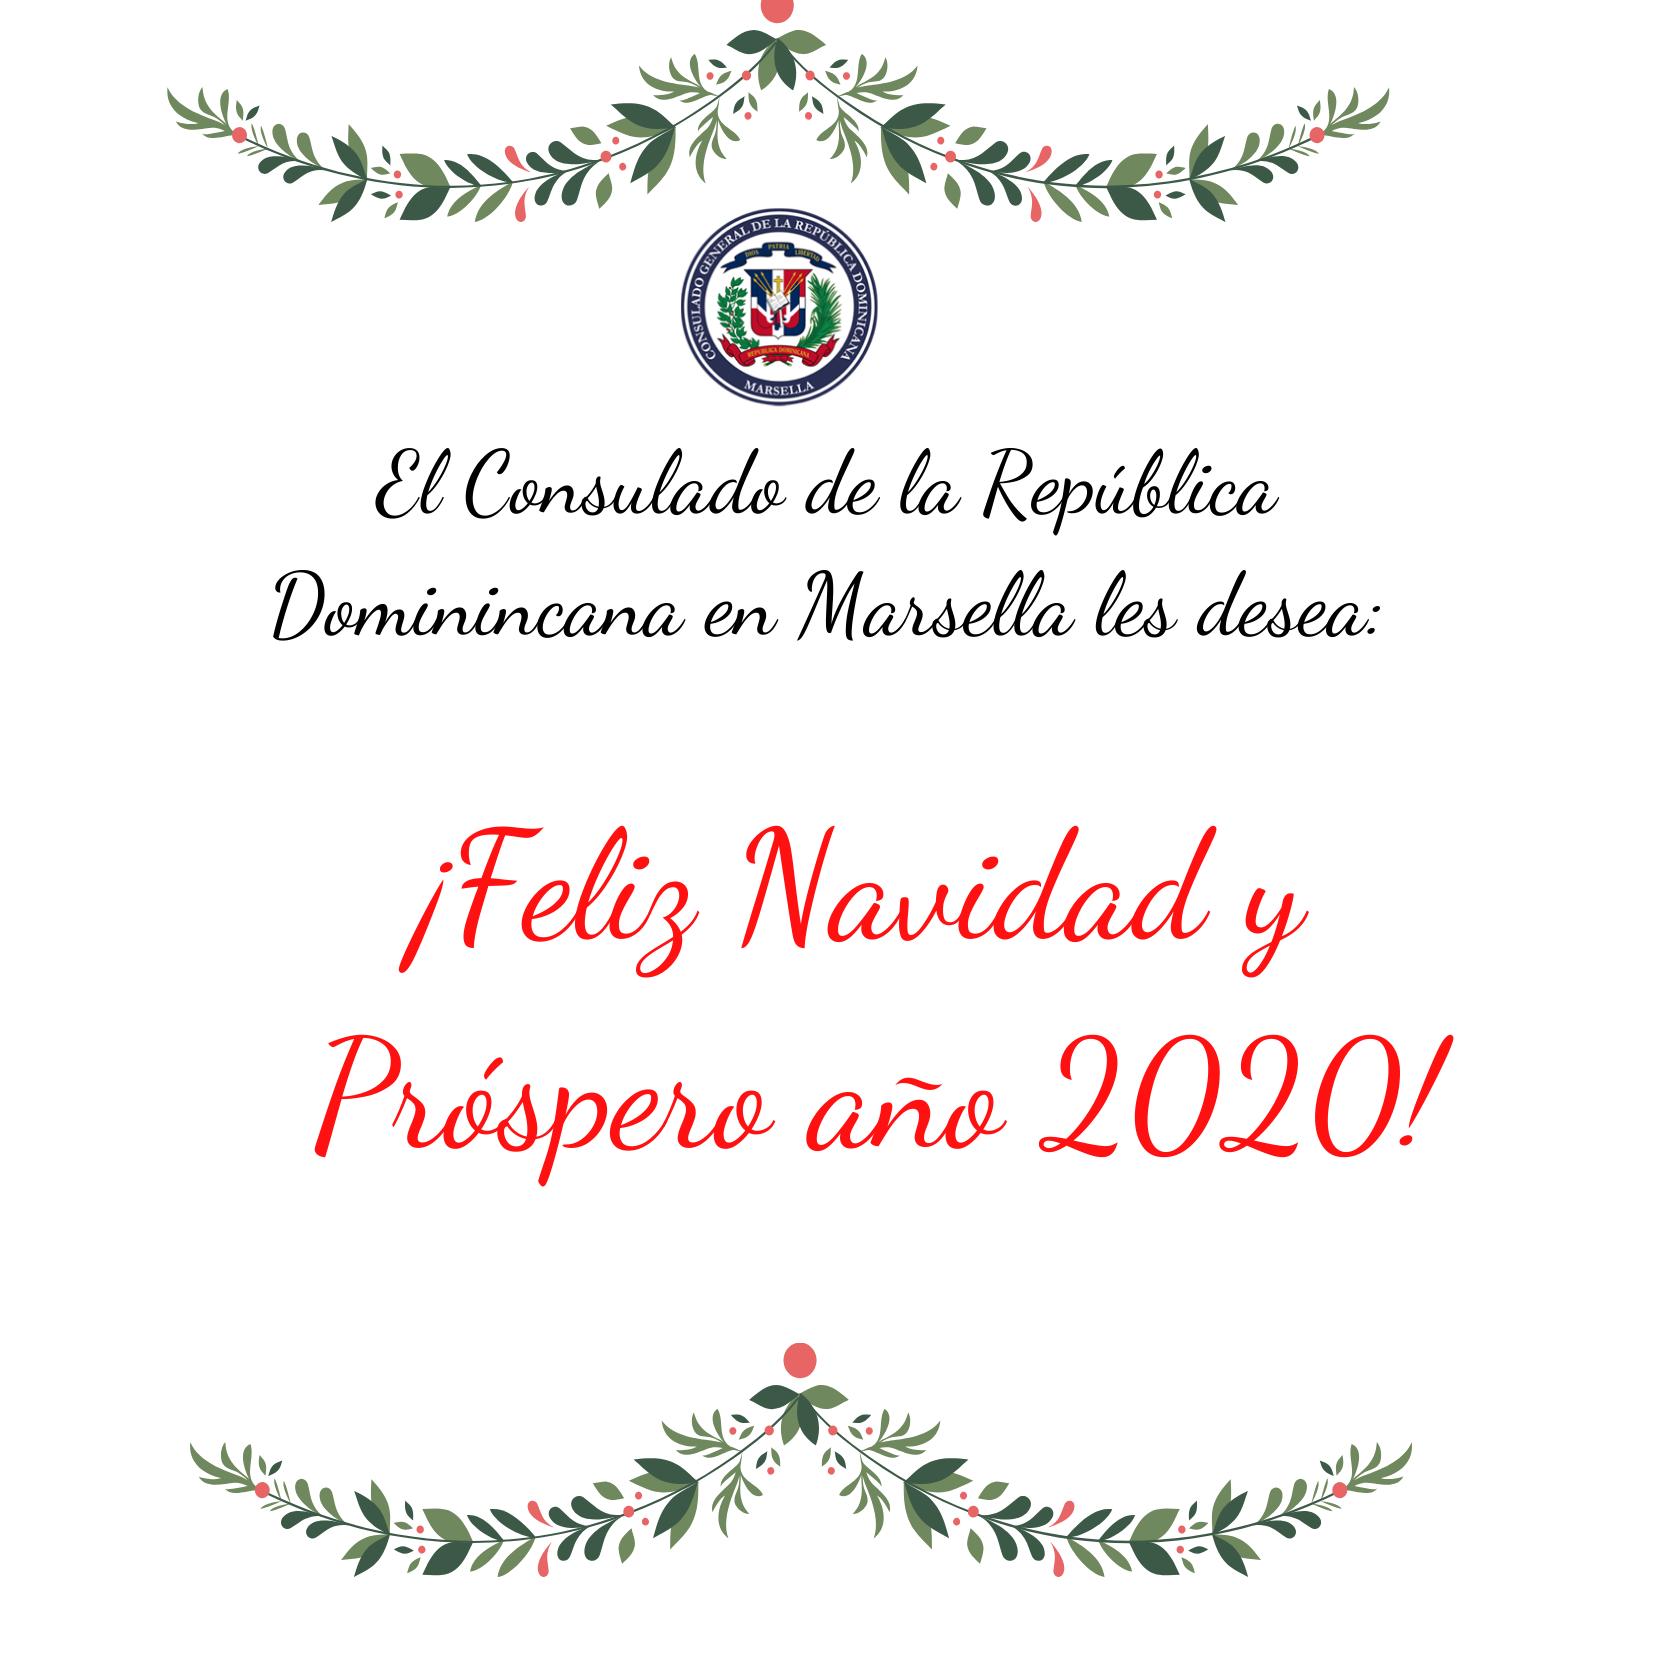 Felicitación de Navidad y Próspero año 2020